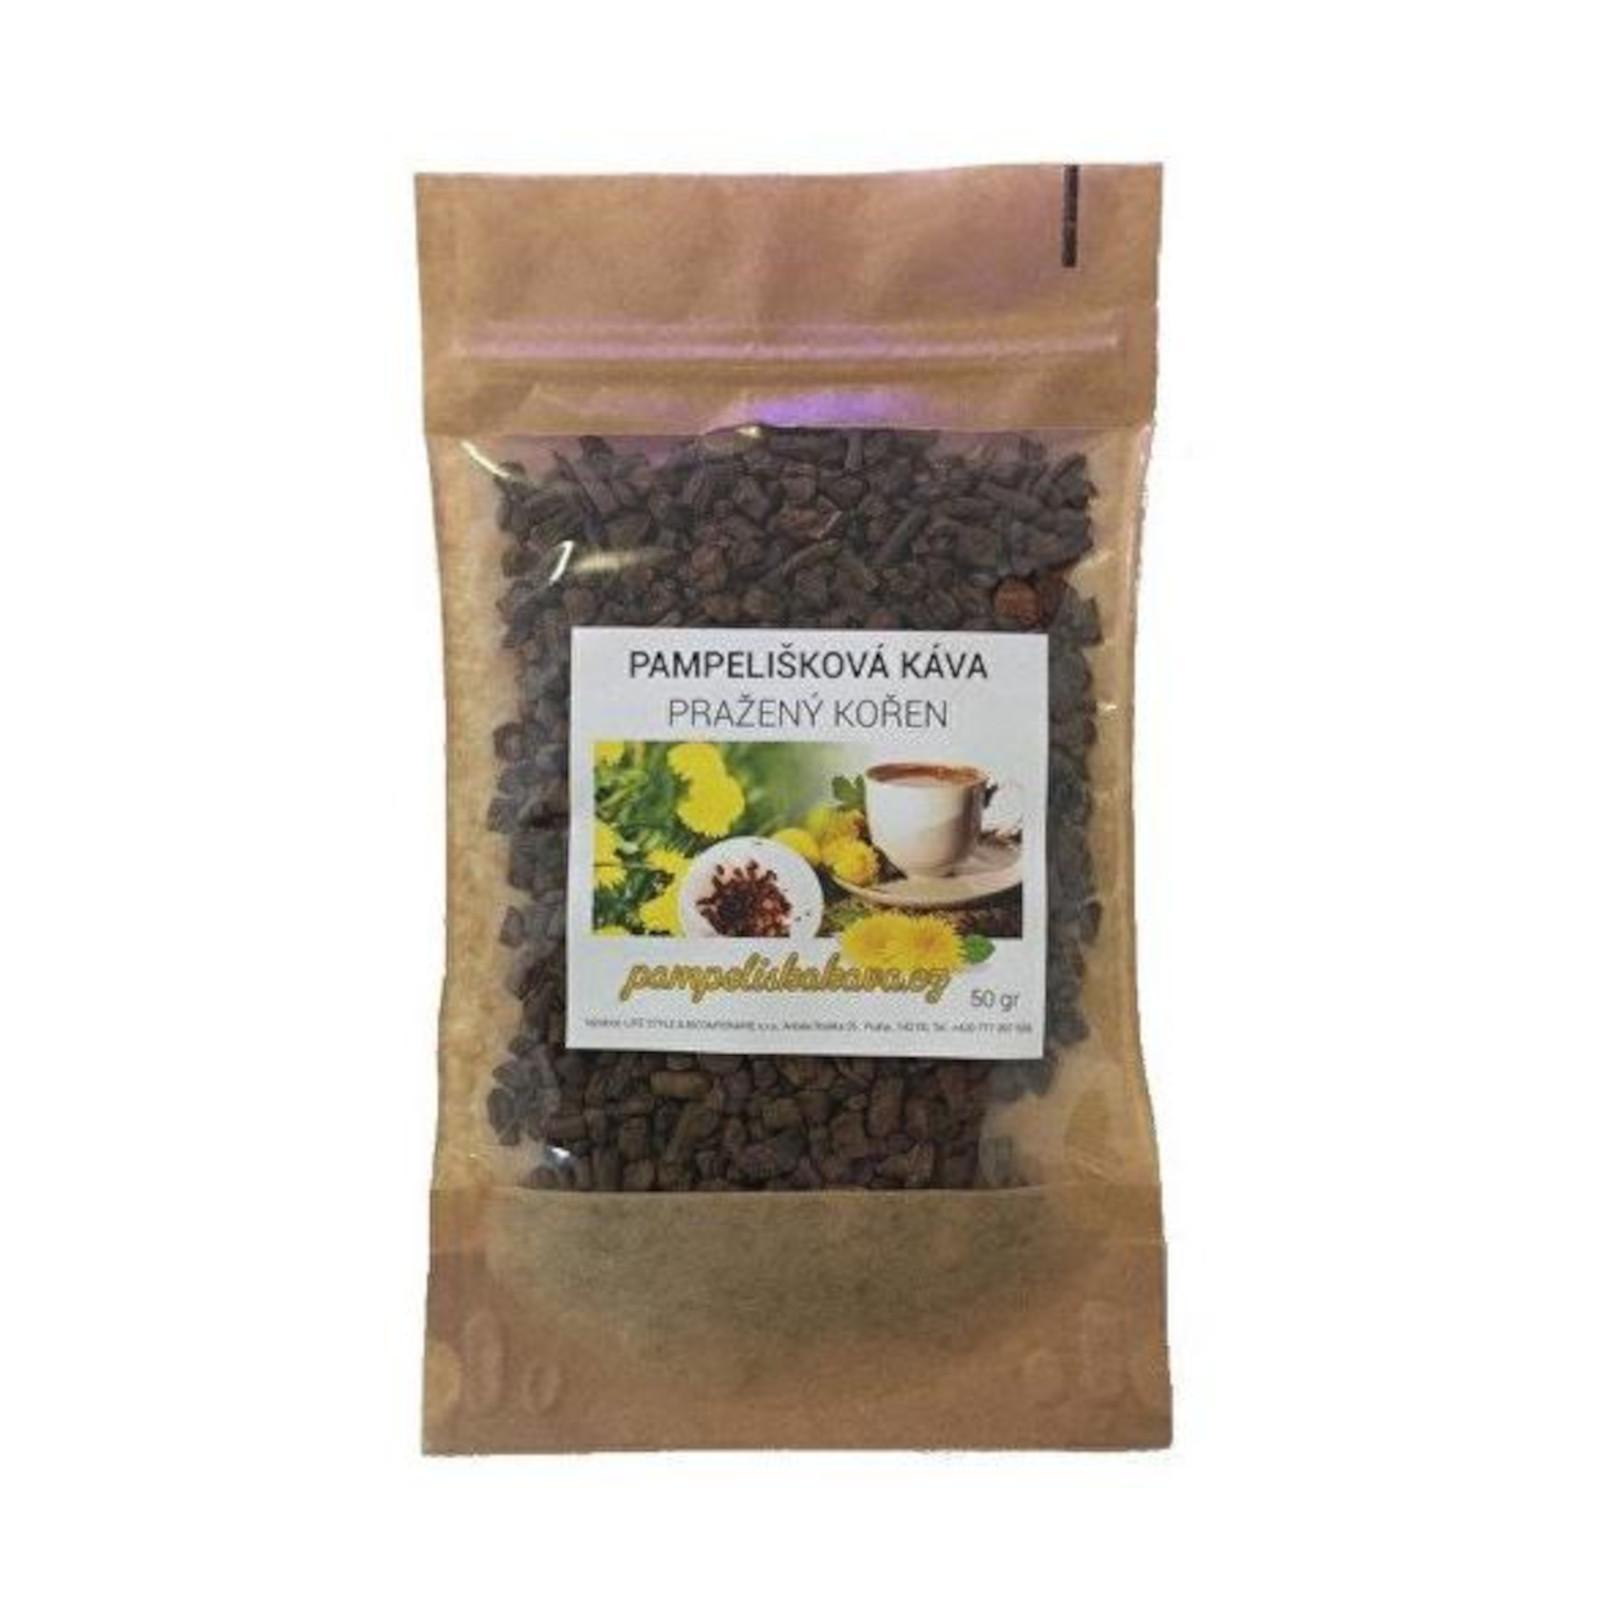 Pampeliškové kafe Pampeliškové kafe, pražený kořen 50 g